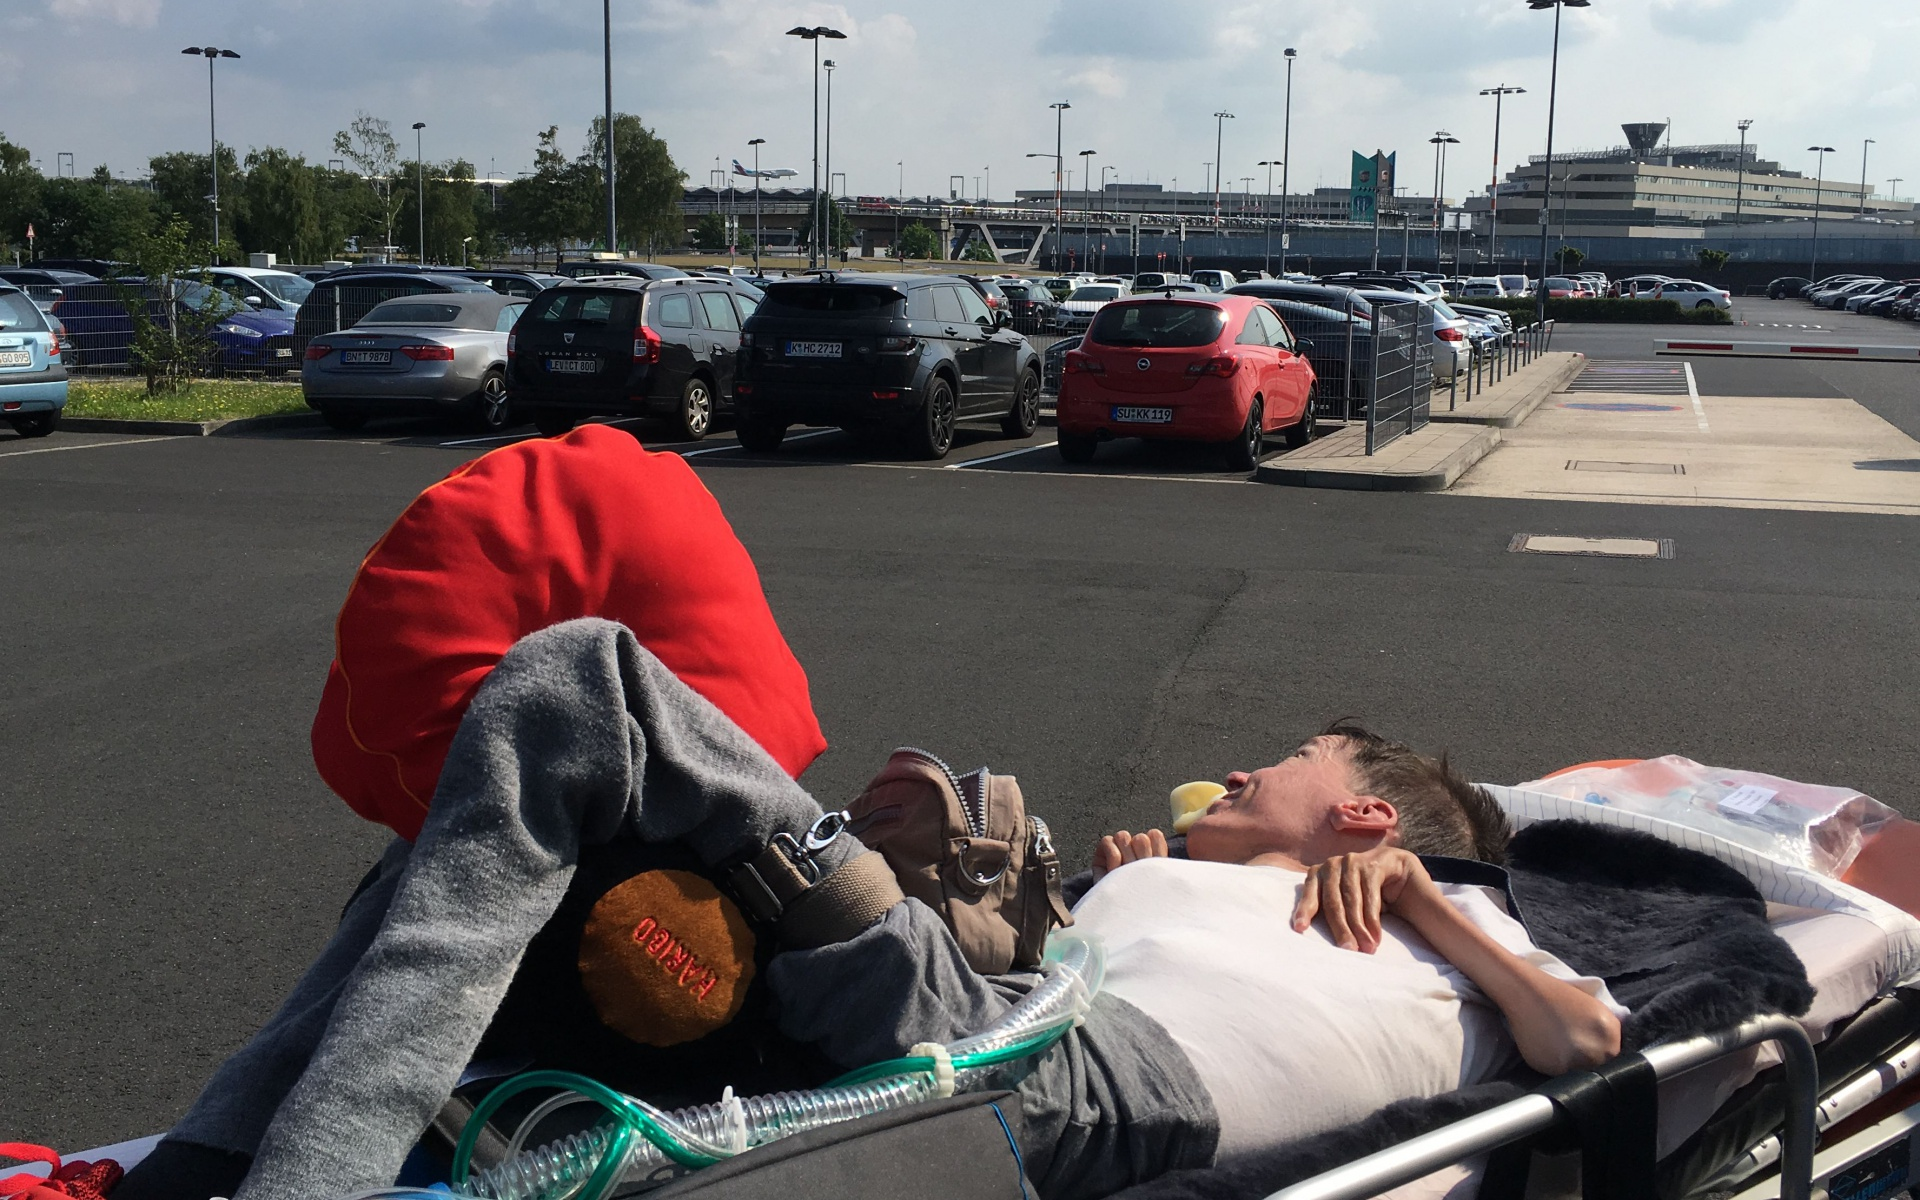 Los ging es für die zwei mit dem Rettungswagen, der sie von ihrem Heimatort an den Kölner Flughafen brachte.